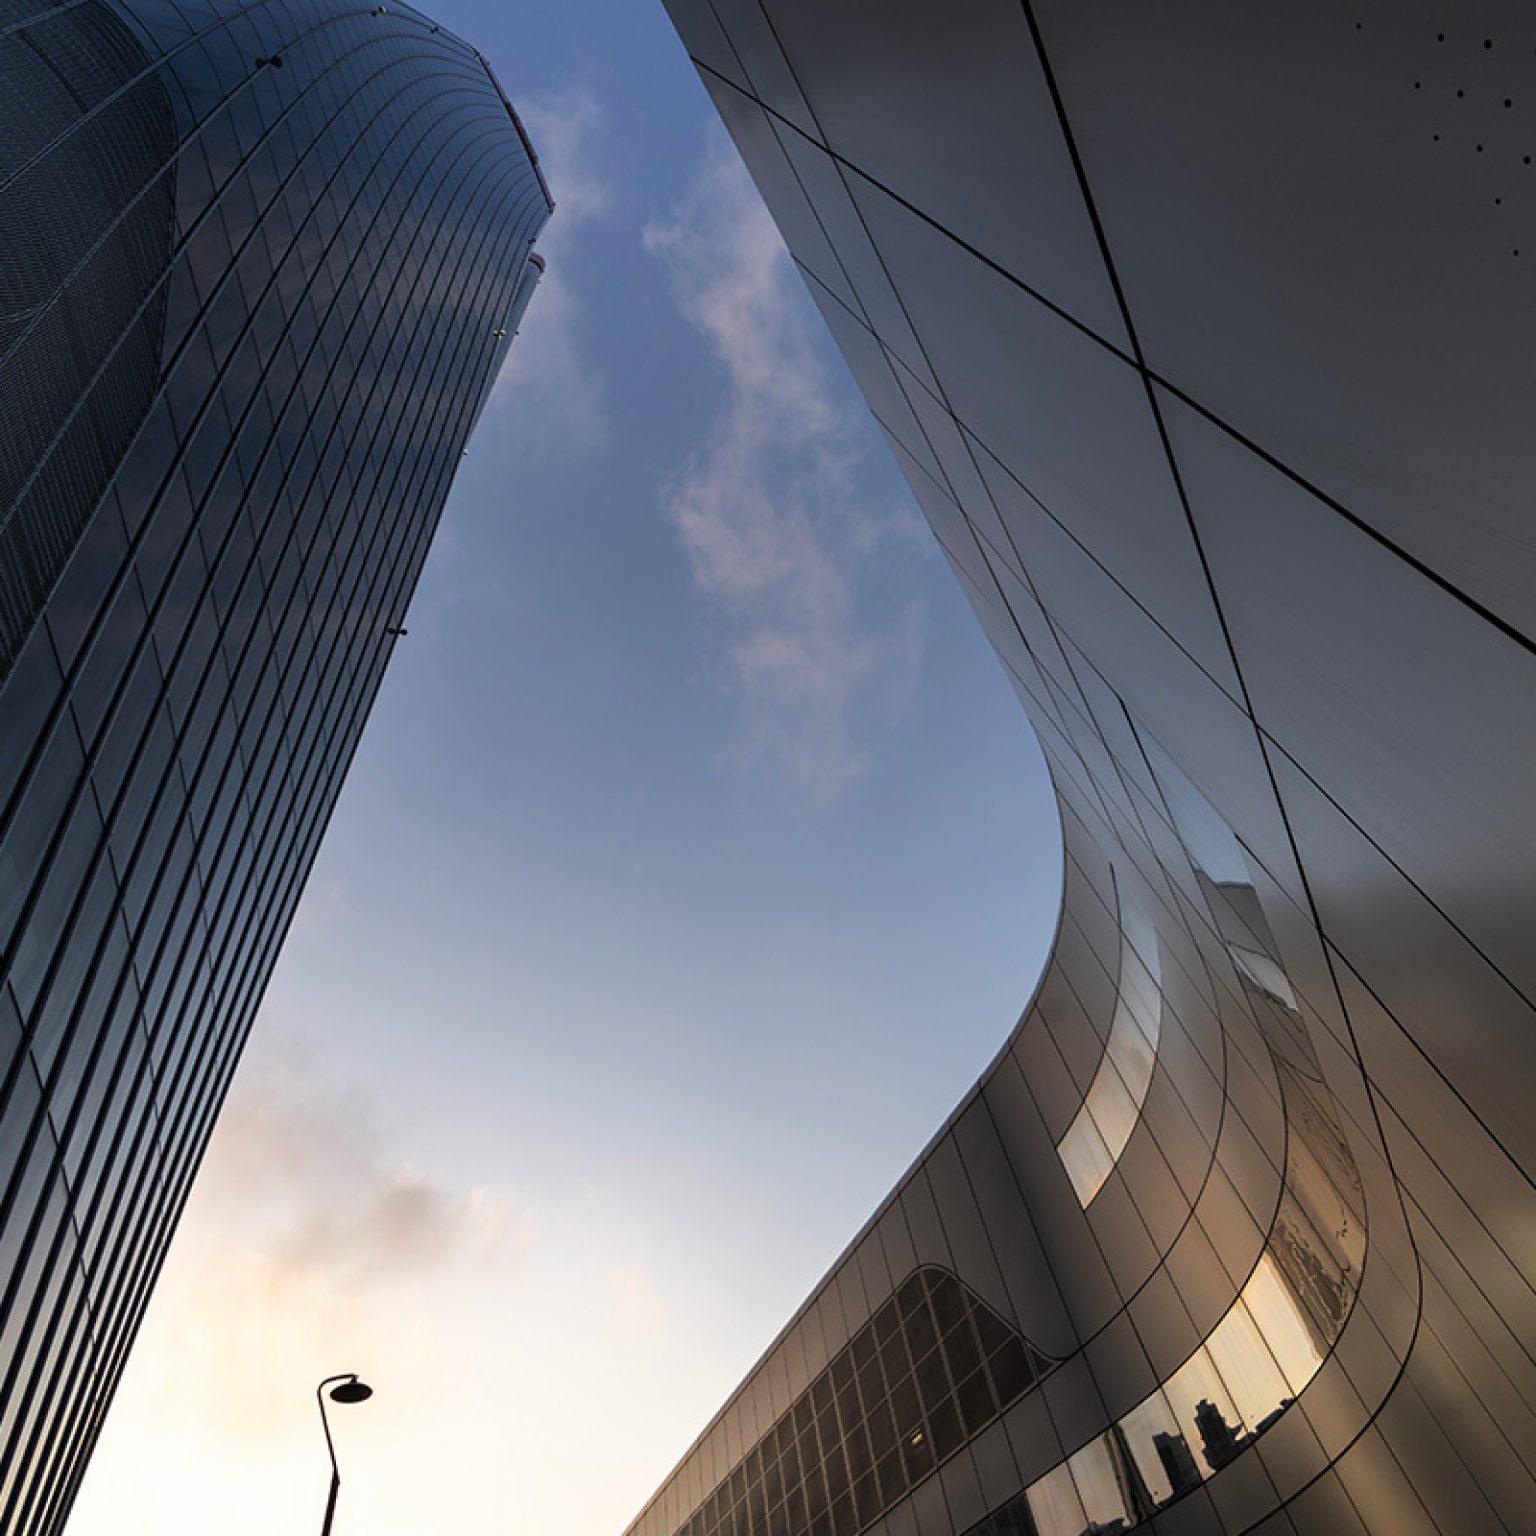 Antifurto per la tua attività commerciale a Milano e in Lombardia - GLM security